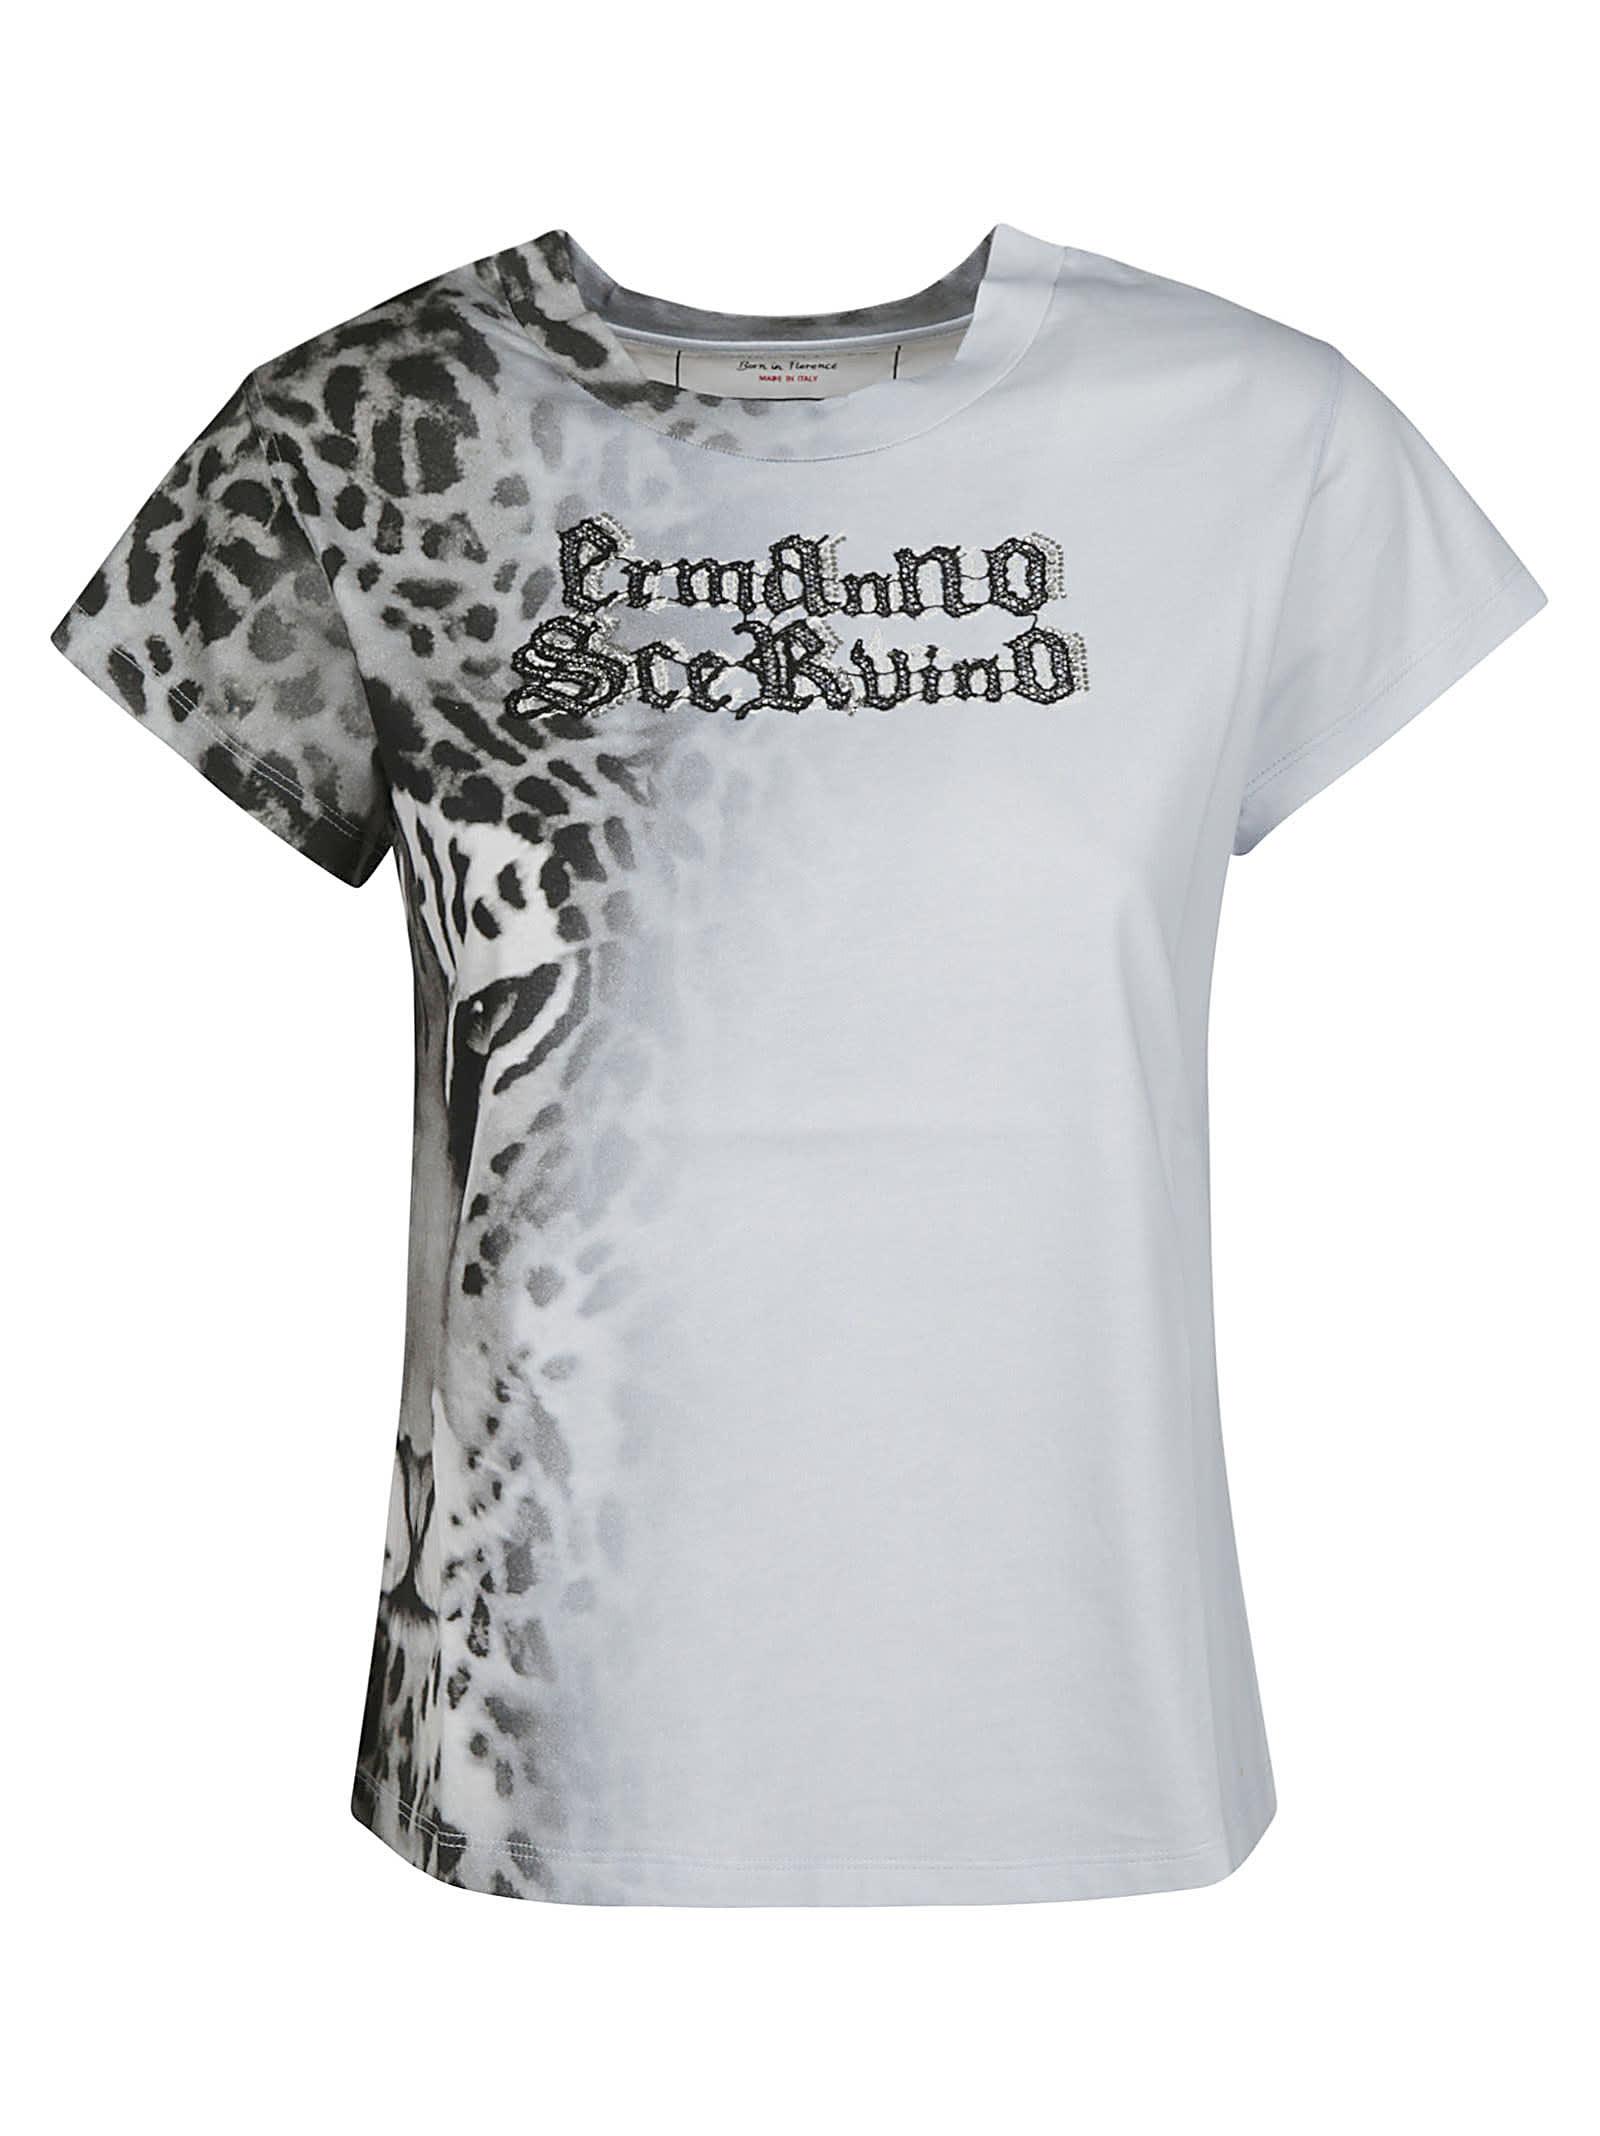 Ermanno Scervino TIGER PRINT LOGO EMBROIDERED T-SHIRT